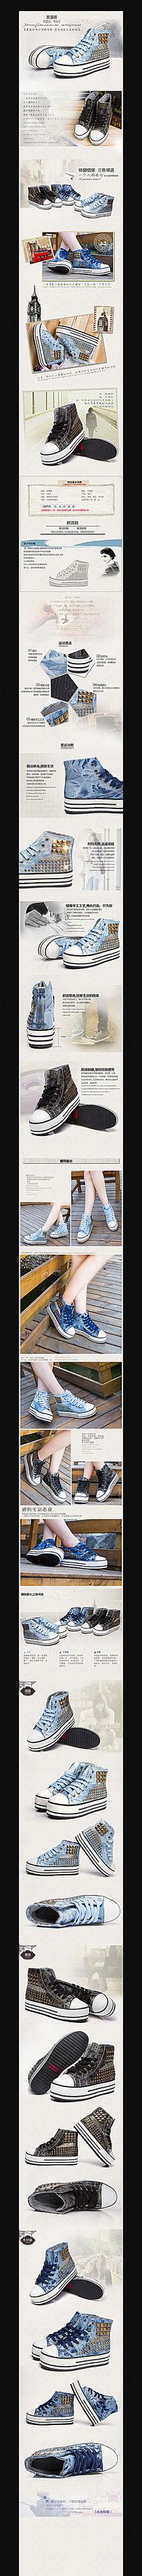 淘宝女款帆布鞋详情页细节描述